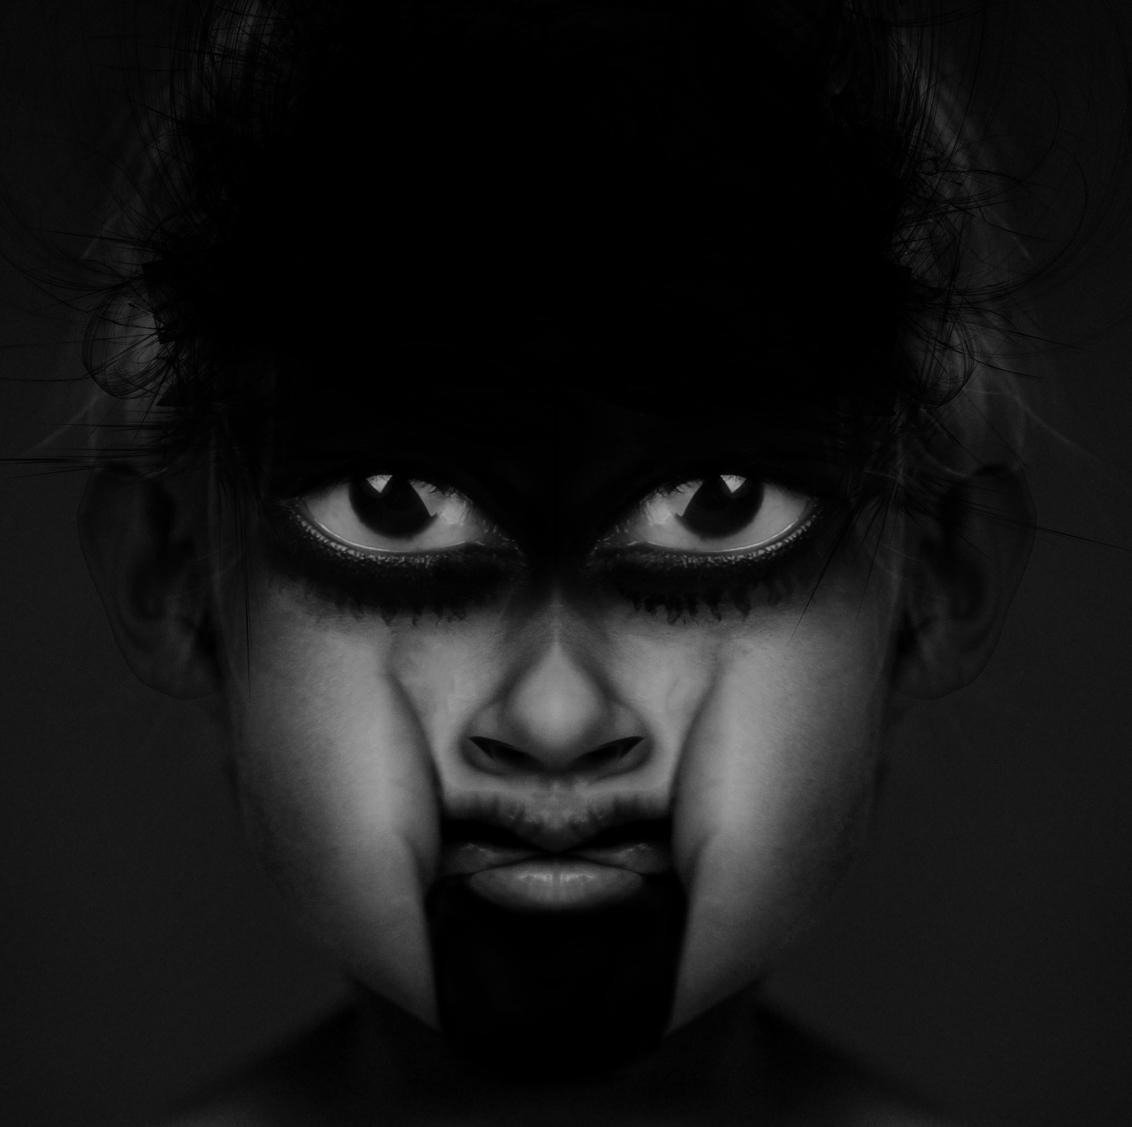 Head Off - Ik ben vrij om te creëren ,dus dat doe ik ook - foto door charlottevalerie op 09-03-2019 - deze foto bevat: abstract, portret, bewerkt, fantasie, kunst, blank, bewerking, white, contrast, photoshop, face